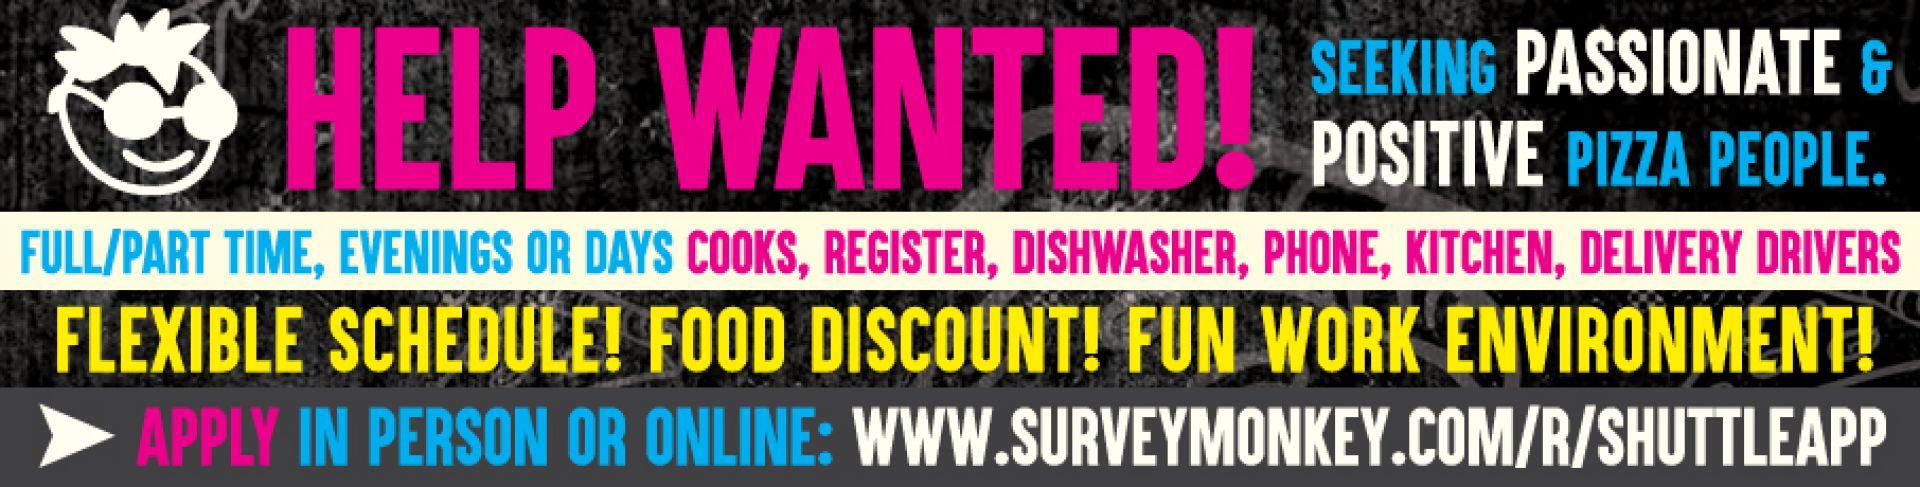 Help Wanted! Hiring in-person / online - www.surveymonkey.com/r/shuttleapp